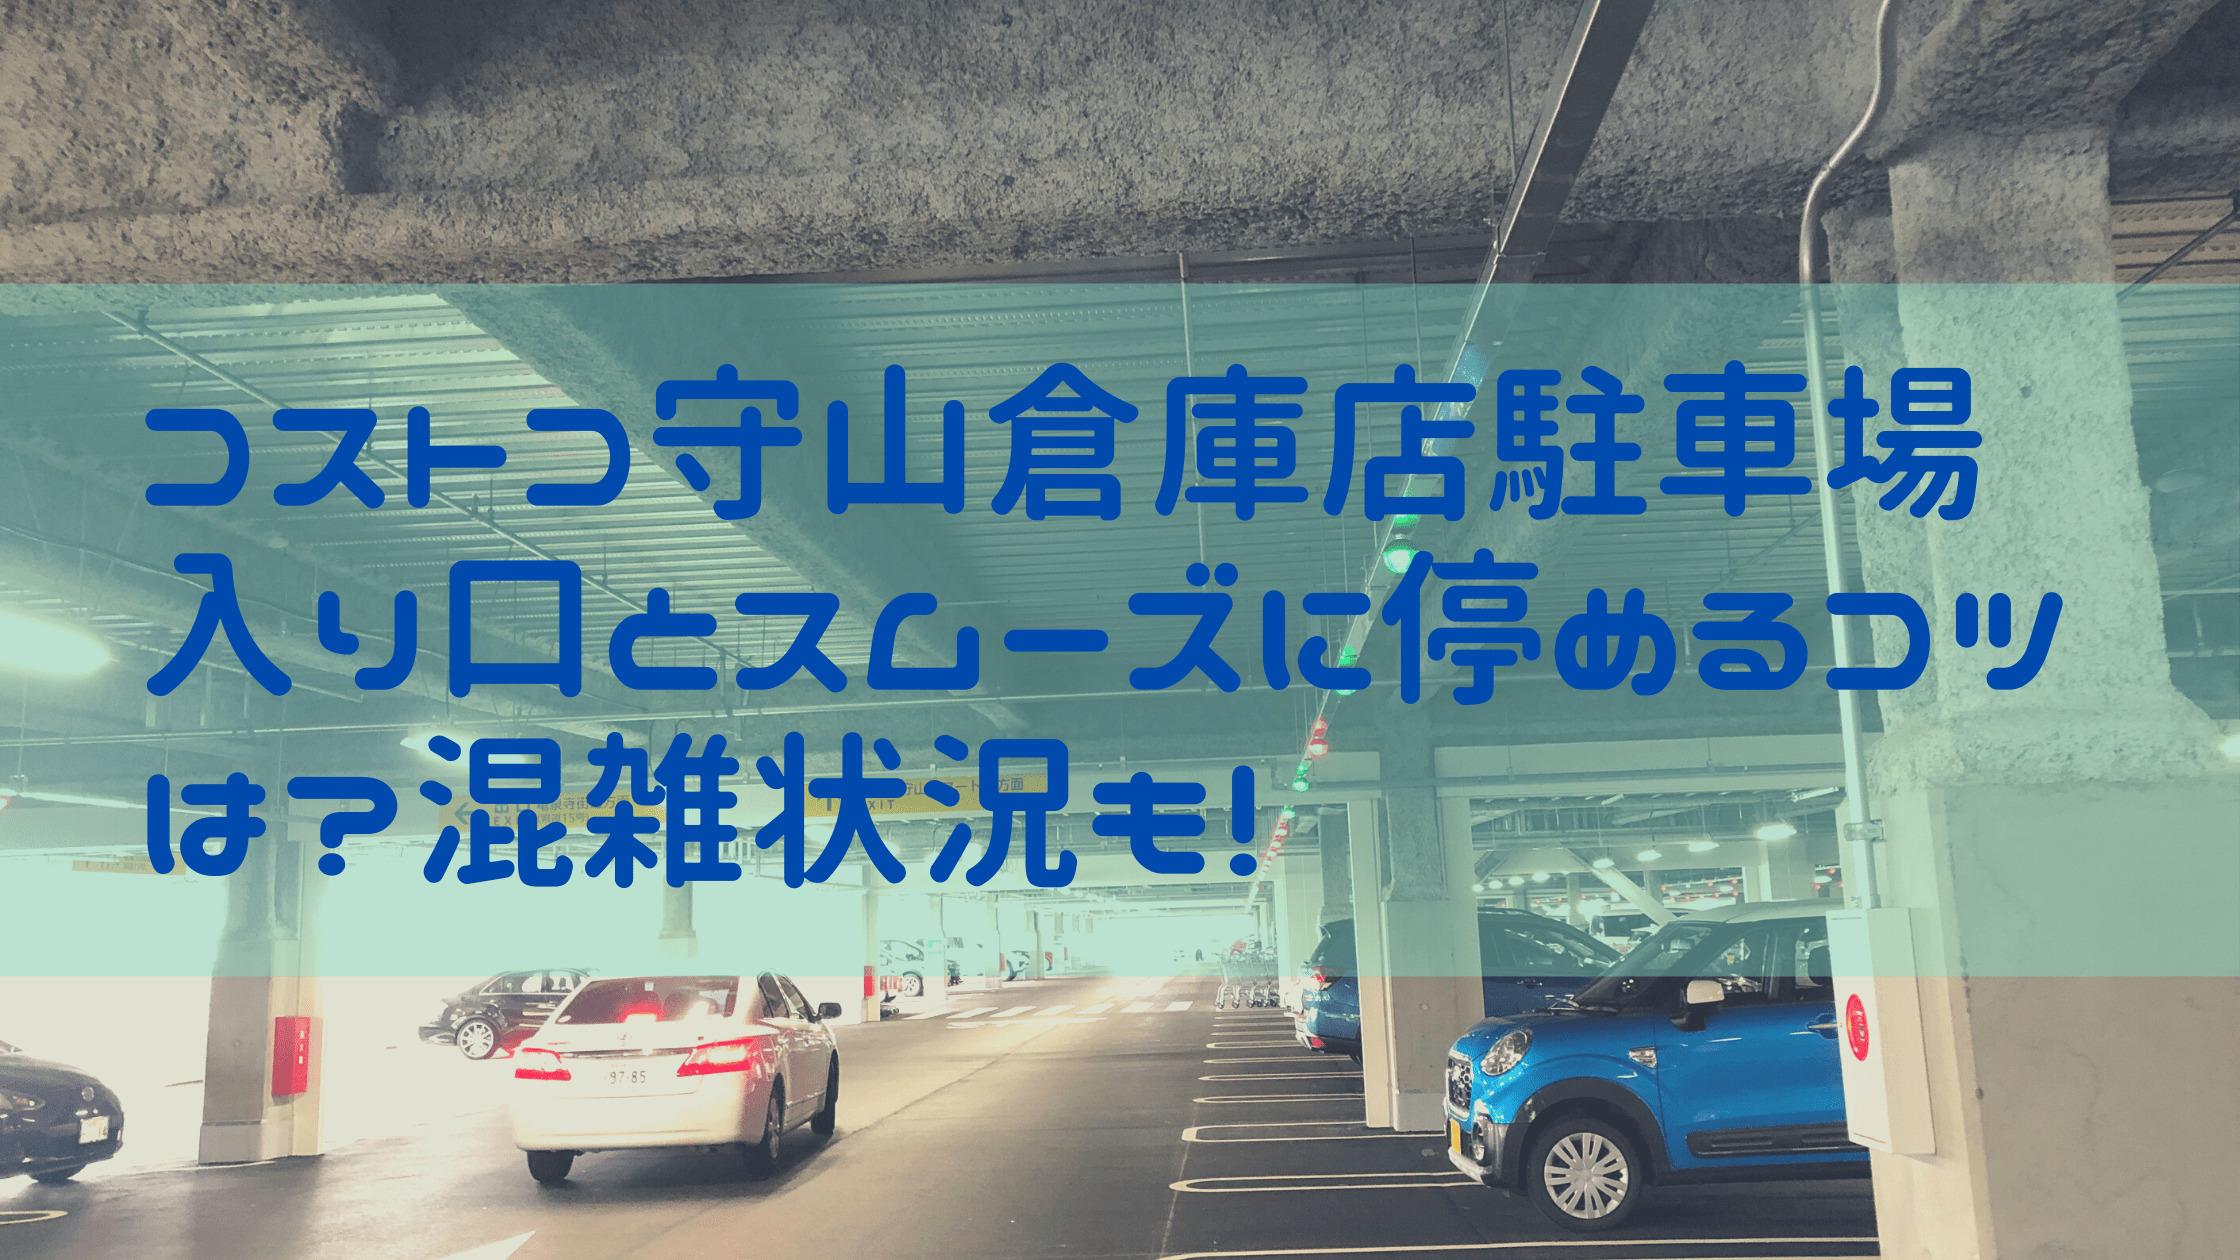 コストコ守山倉庫店駐車場入り口とスムーズに停めるコツは?混雑状況も!